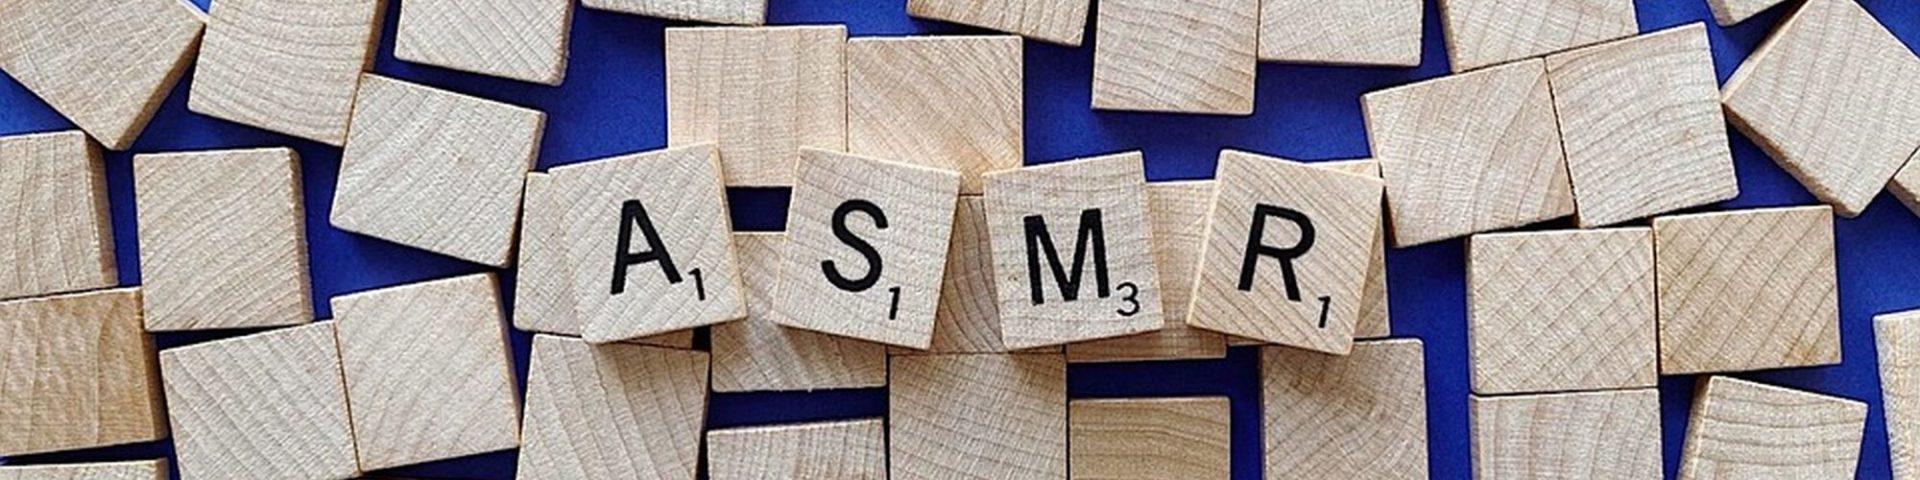 Cosa significa ASMR e quali effetti ci sono sul nostro corpo (Video)